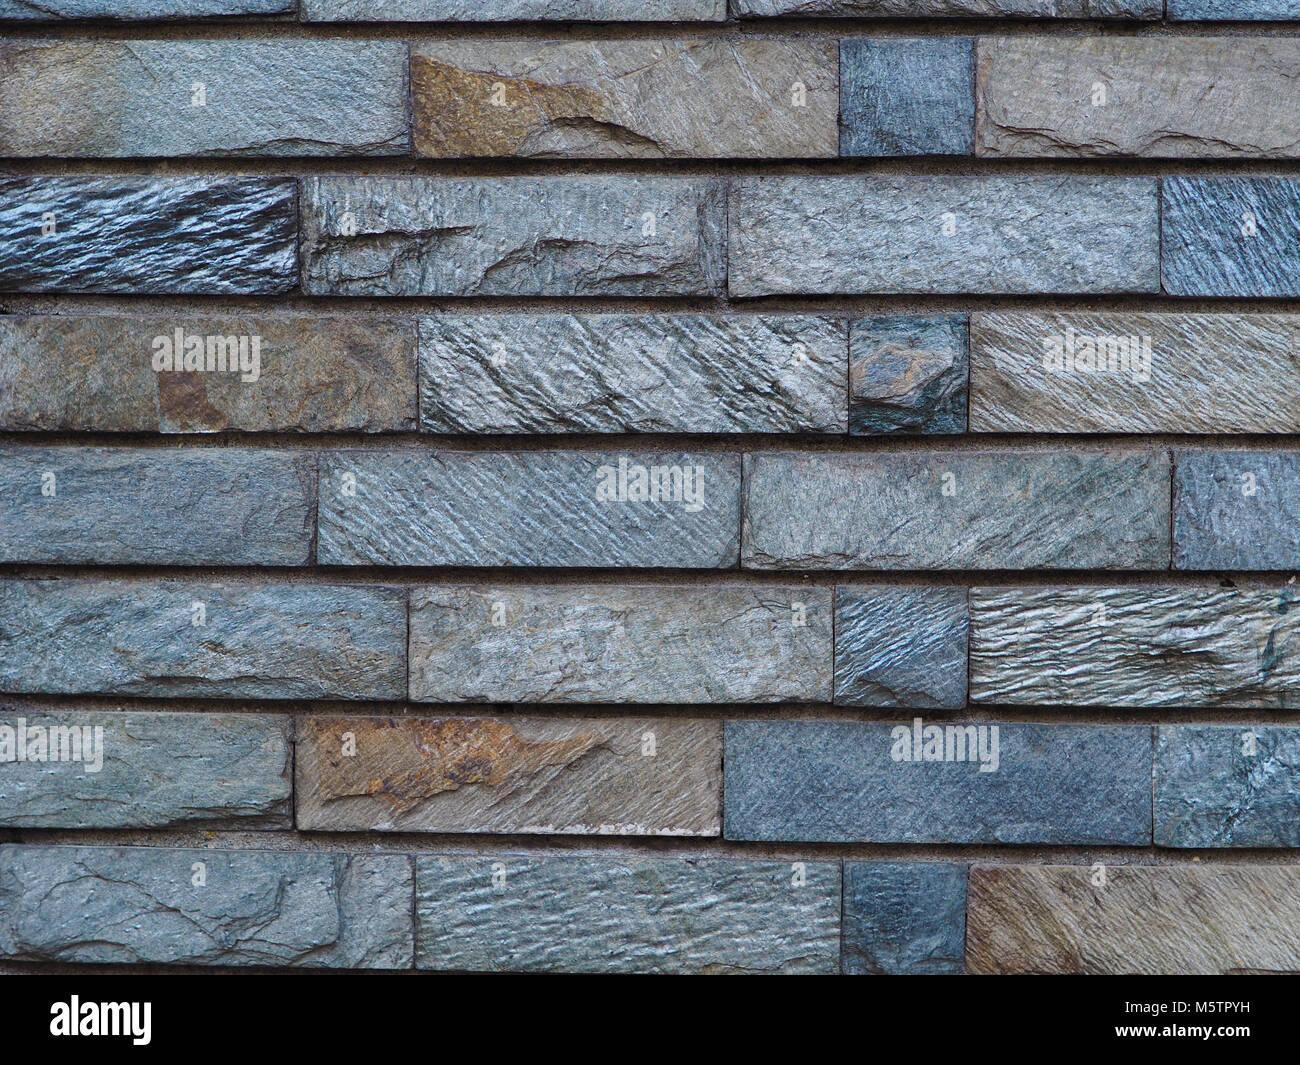 Schiefer Fliesen Mauerwerk Hintergrund Foto Rough Cut Texturierte